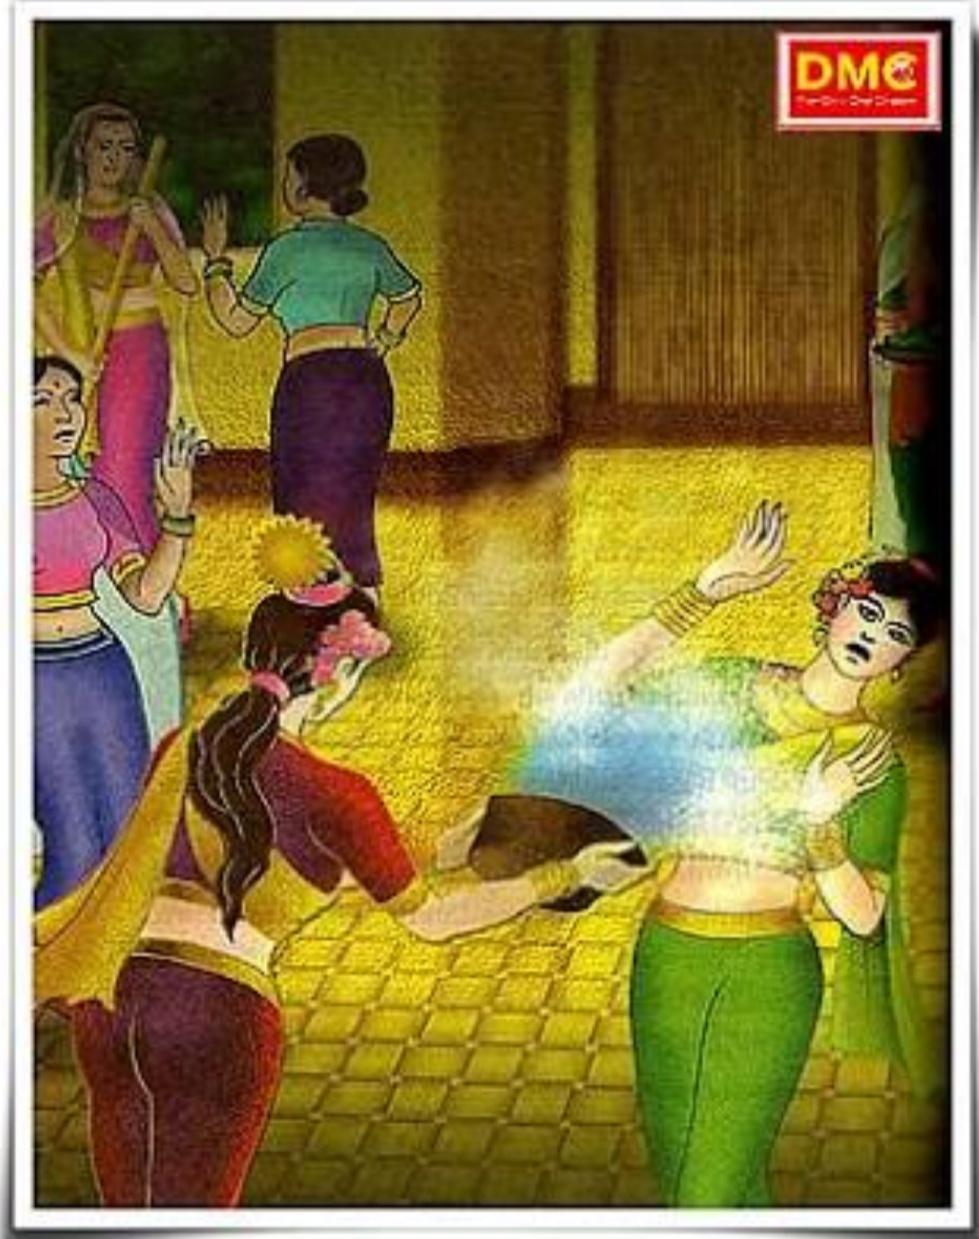 นางสิริมาผู้เลอโฉมโสเภณีผู้บรรลุธรรมในยุคพุทธกาล